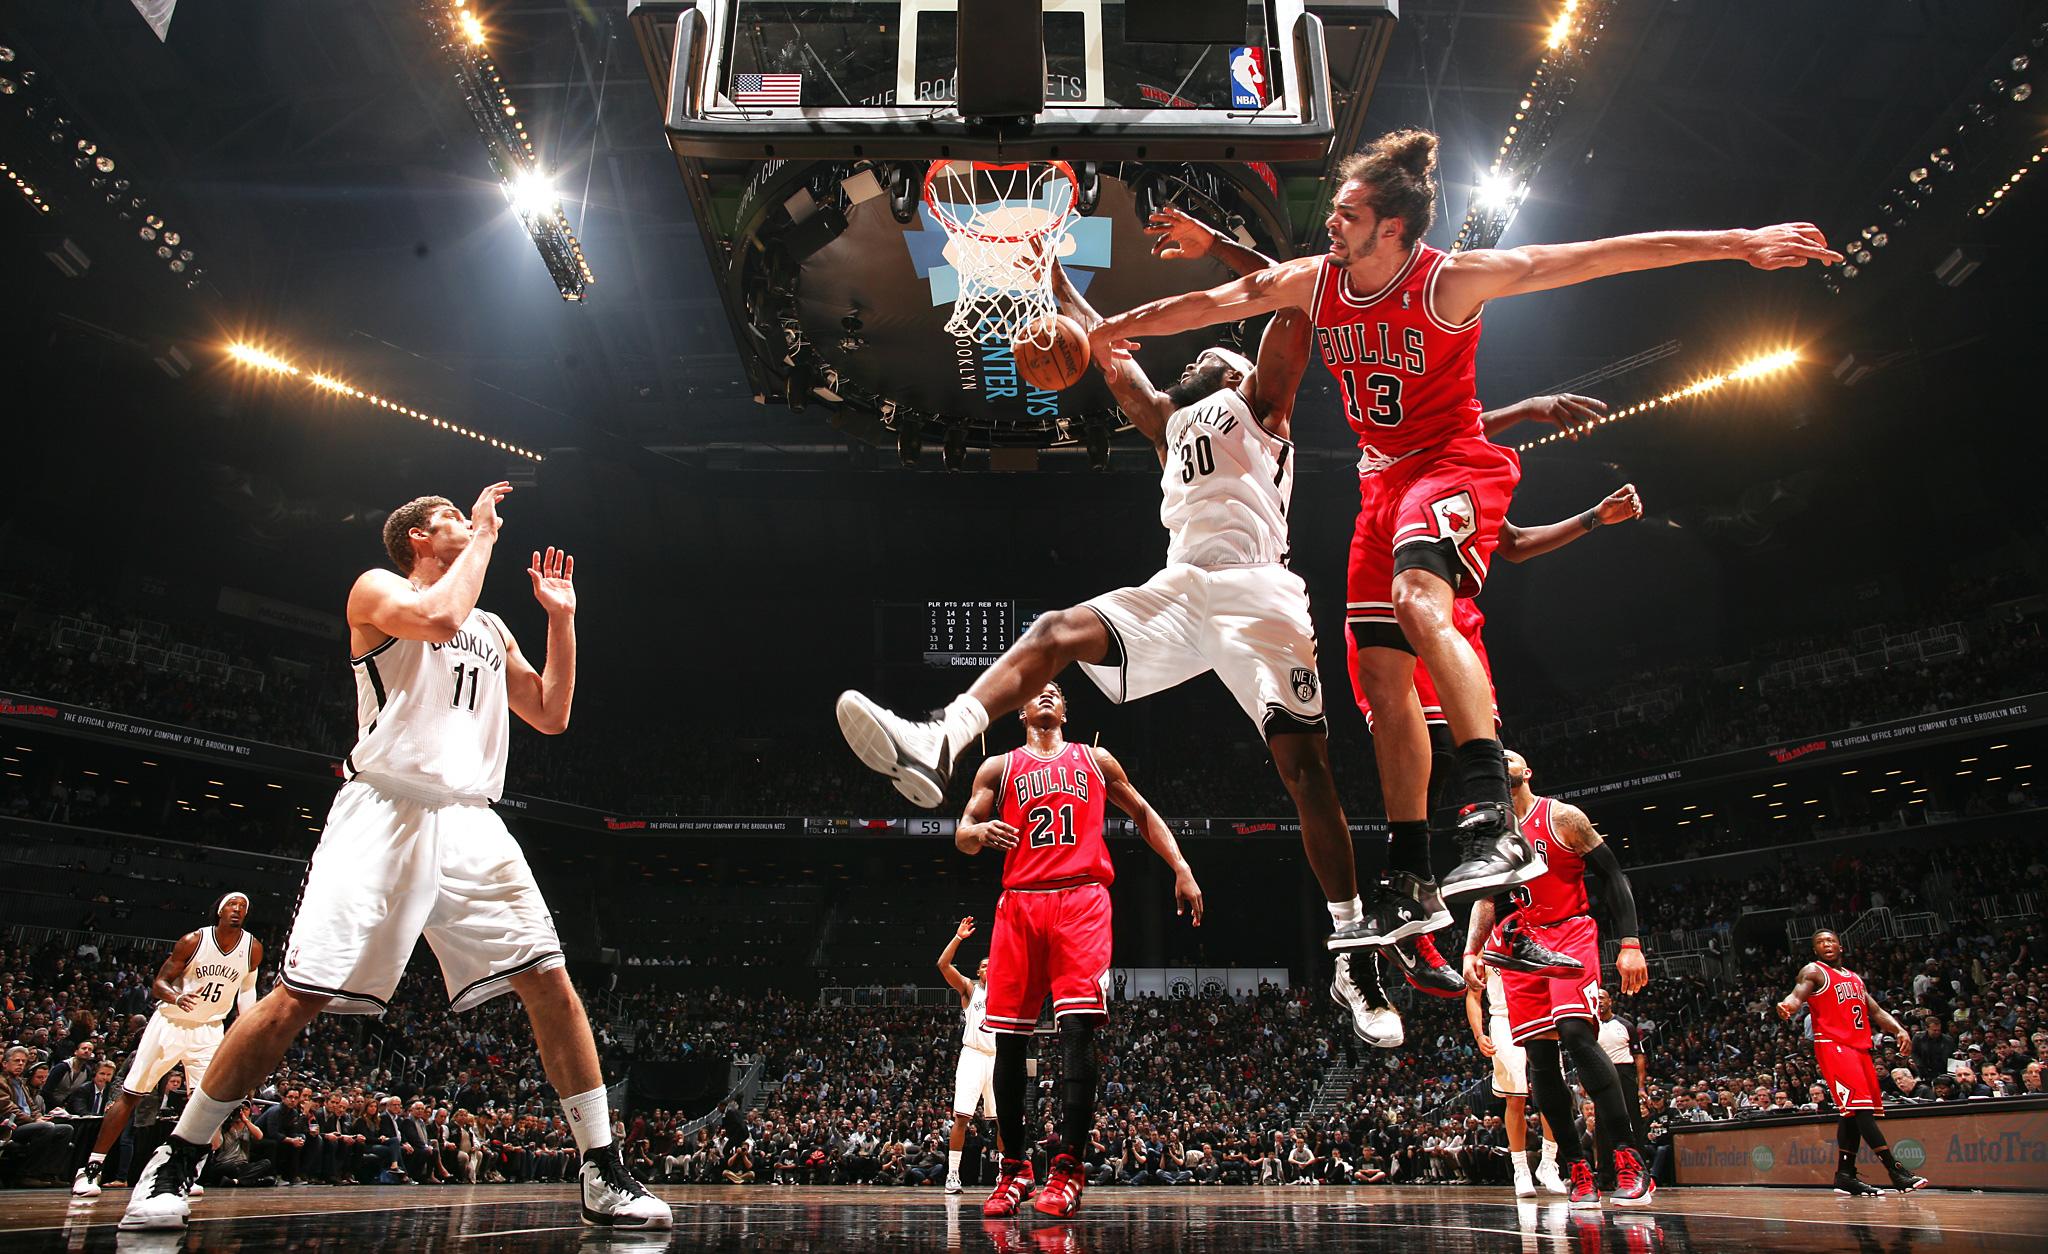 دوري كرة السلة الامريكية nba بث مباشر